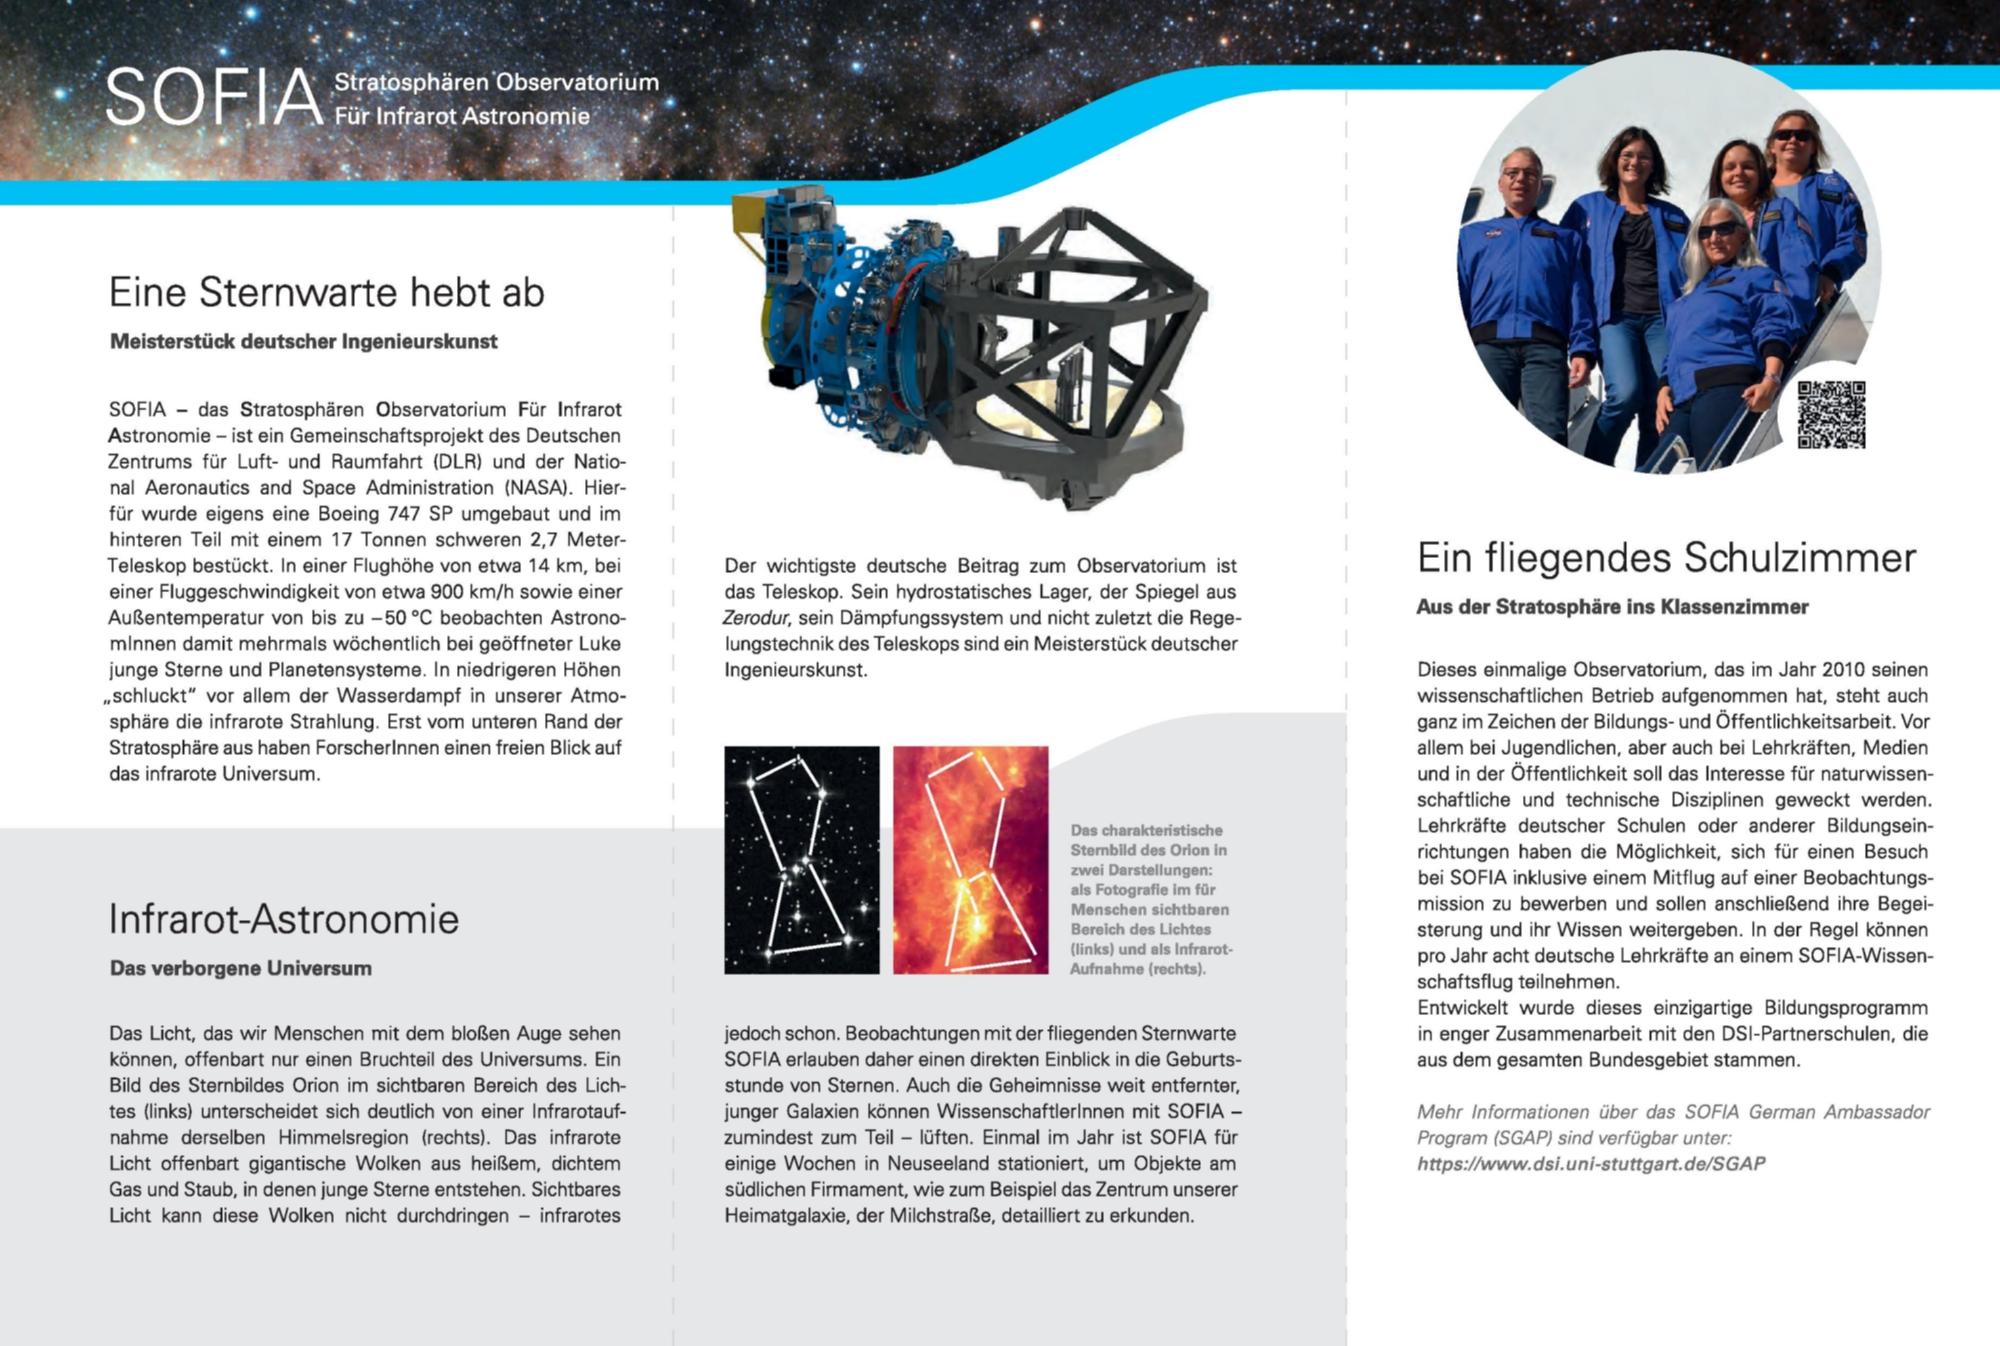 https://opencms.uni-stuttgart.de/project/dsi/img/infomaterial/faltblaetter/SOFIA-Faltblatt-8-2019-page-002.jpg